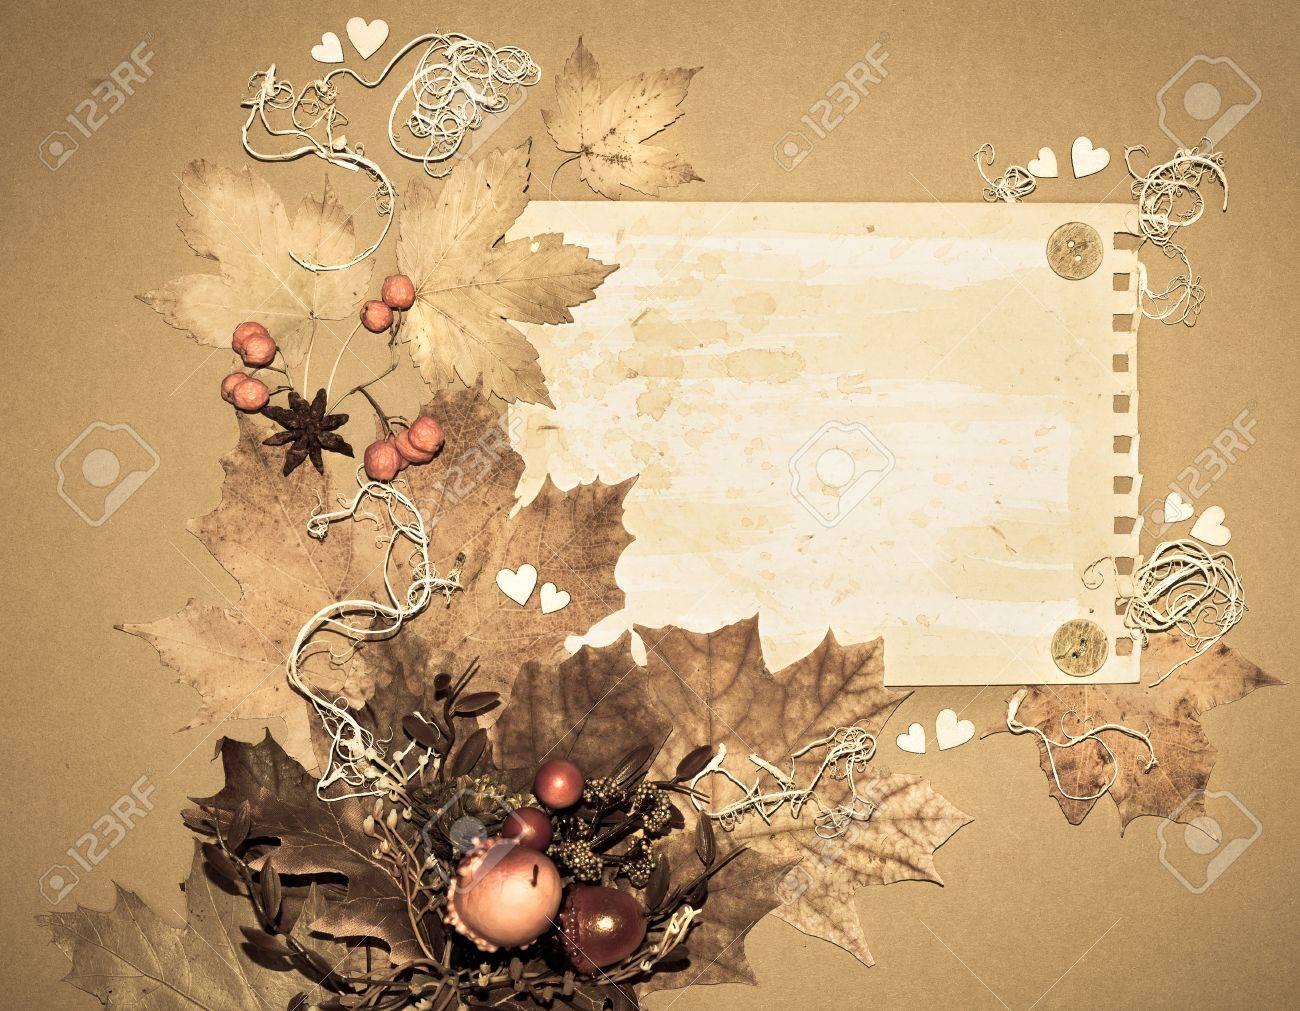 Papier Rahmen Mit Herbst Blätter, Wurzeln, Vogelbeeren Und Pappe ...